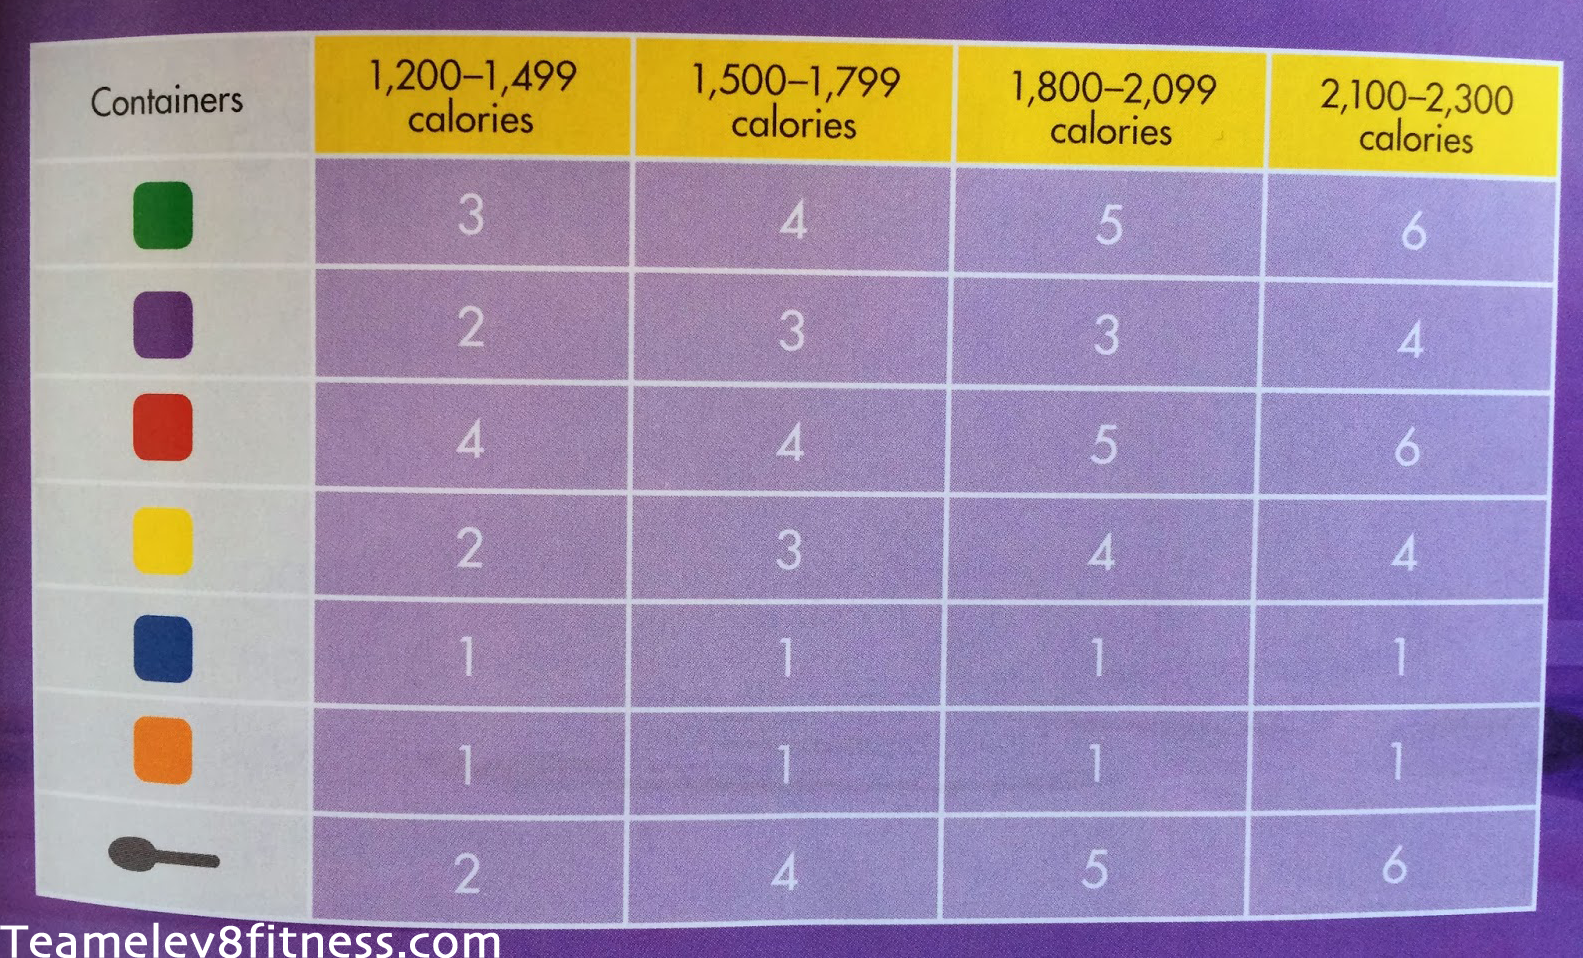 day fix calories buckets calorie calculator also chart hobit fullring rh